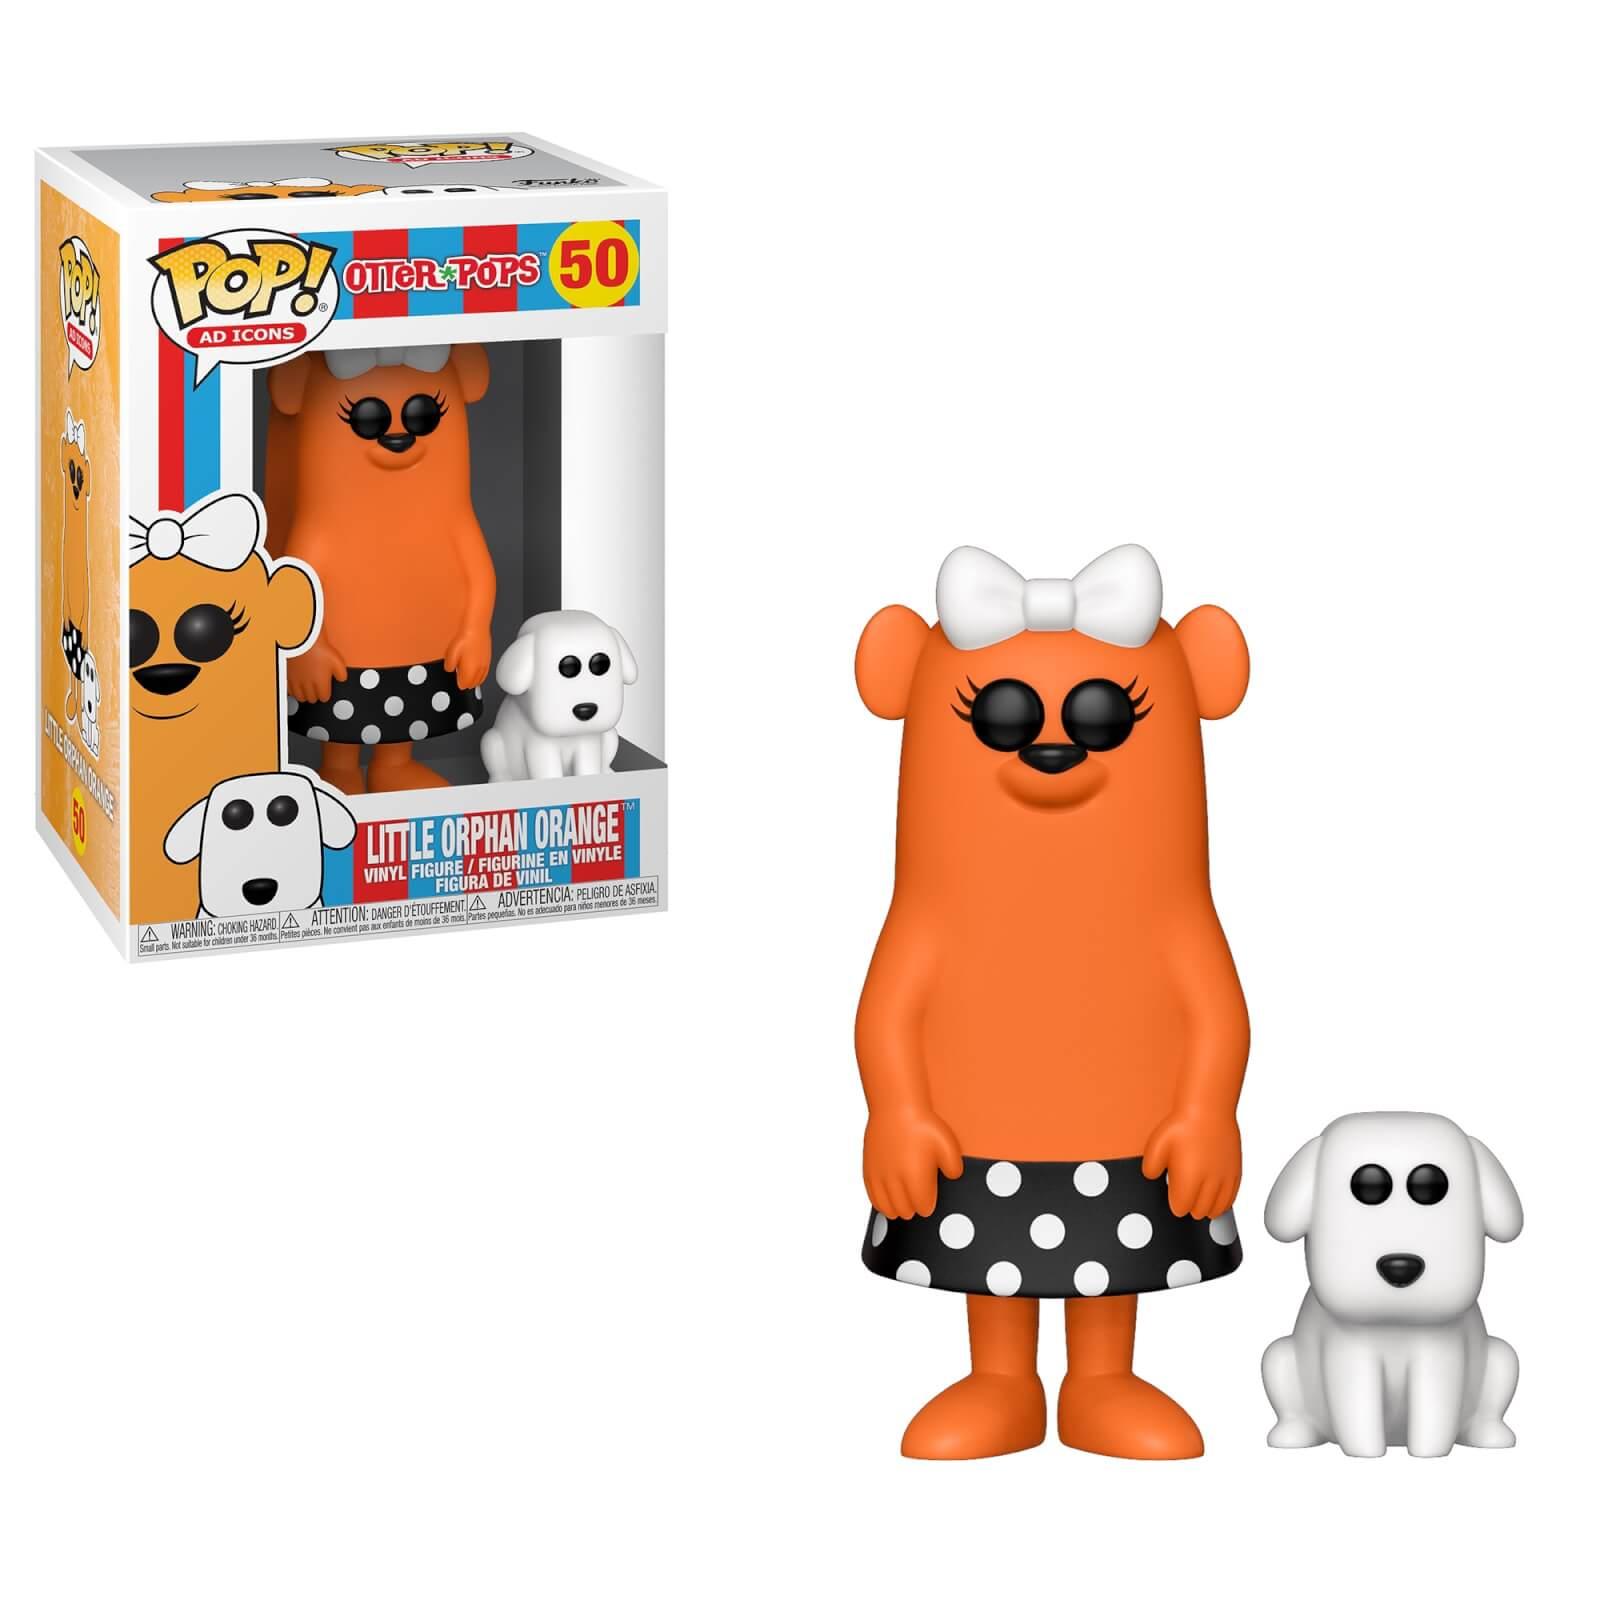 Otter Pops Little Orphan Orange Pop! Vinyl Figure